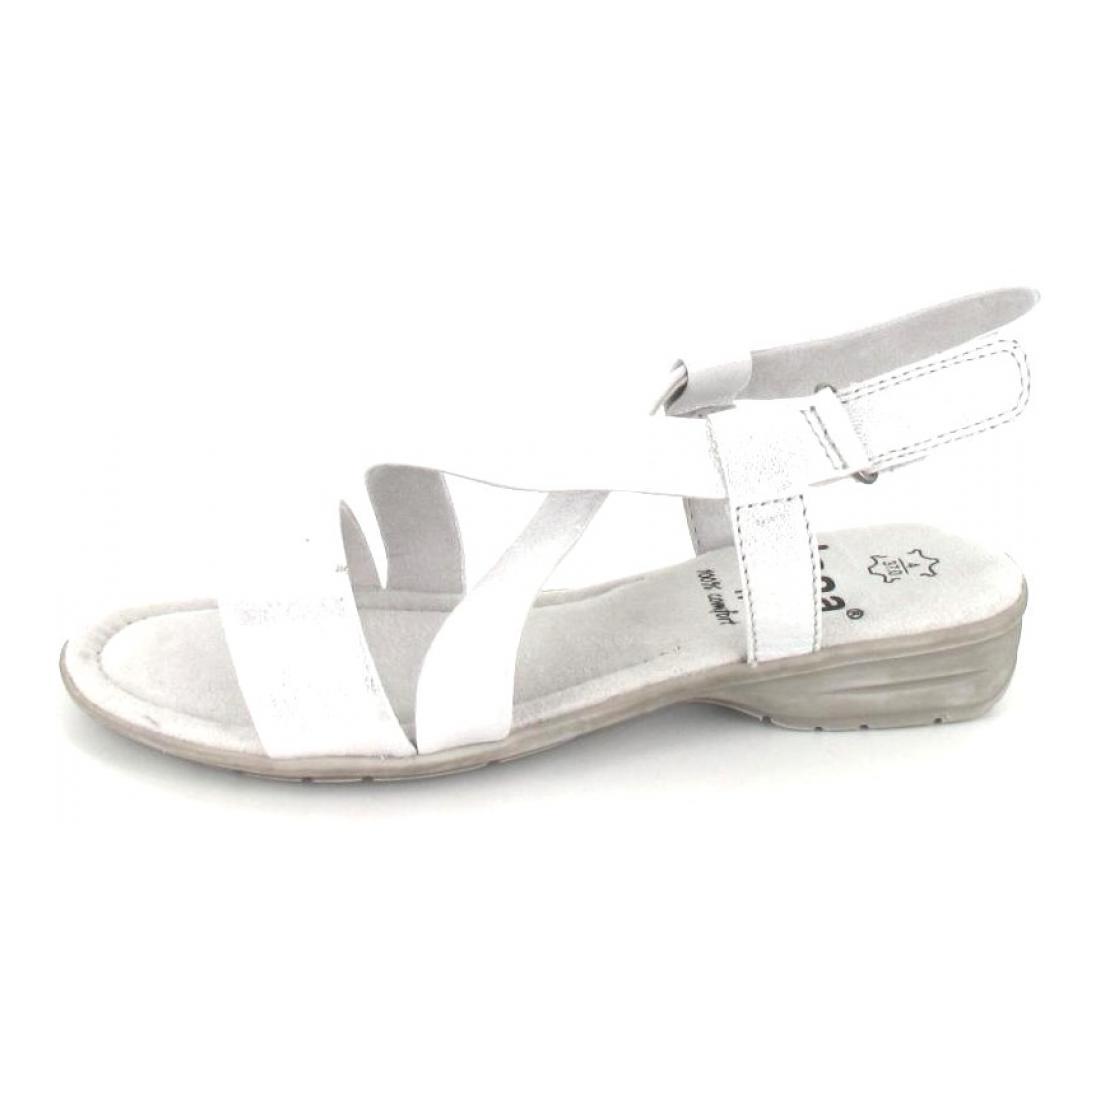 online retailer 3e1da 60238 Jana Sandalette | Schuh-Welt - Wo Markenschuhe günstig sind